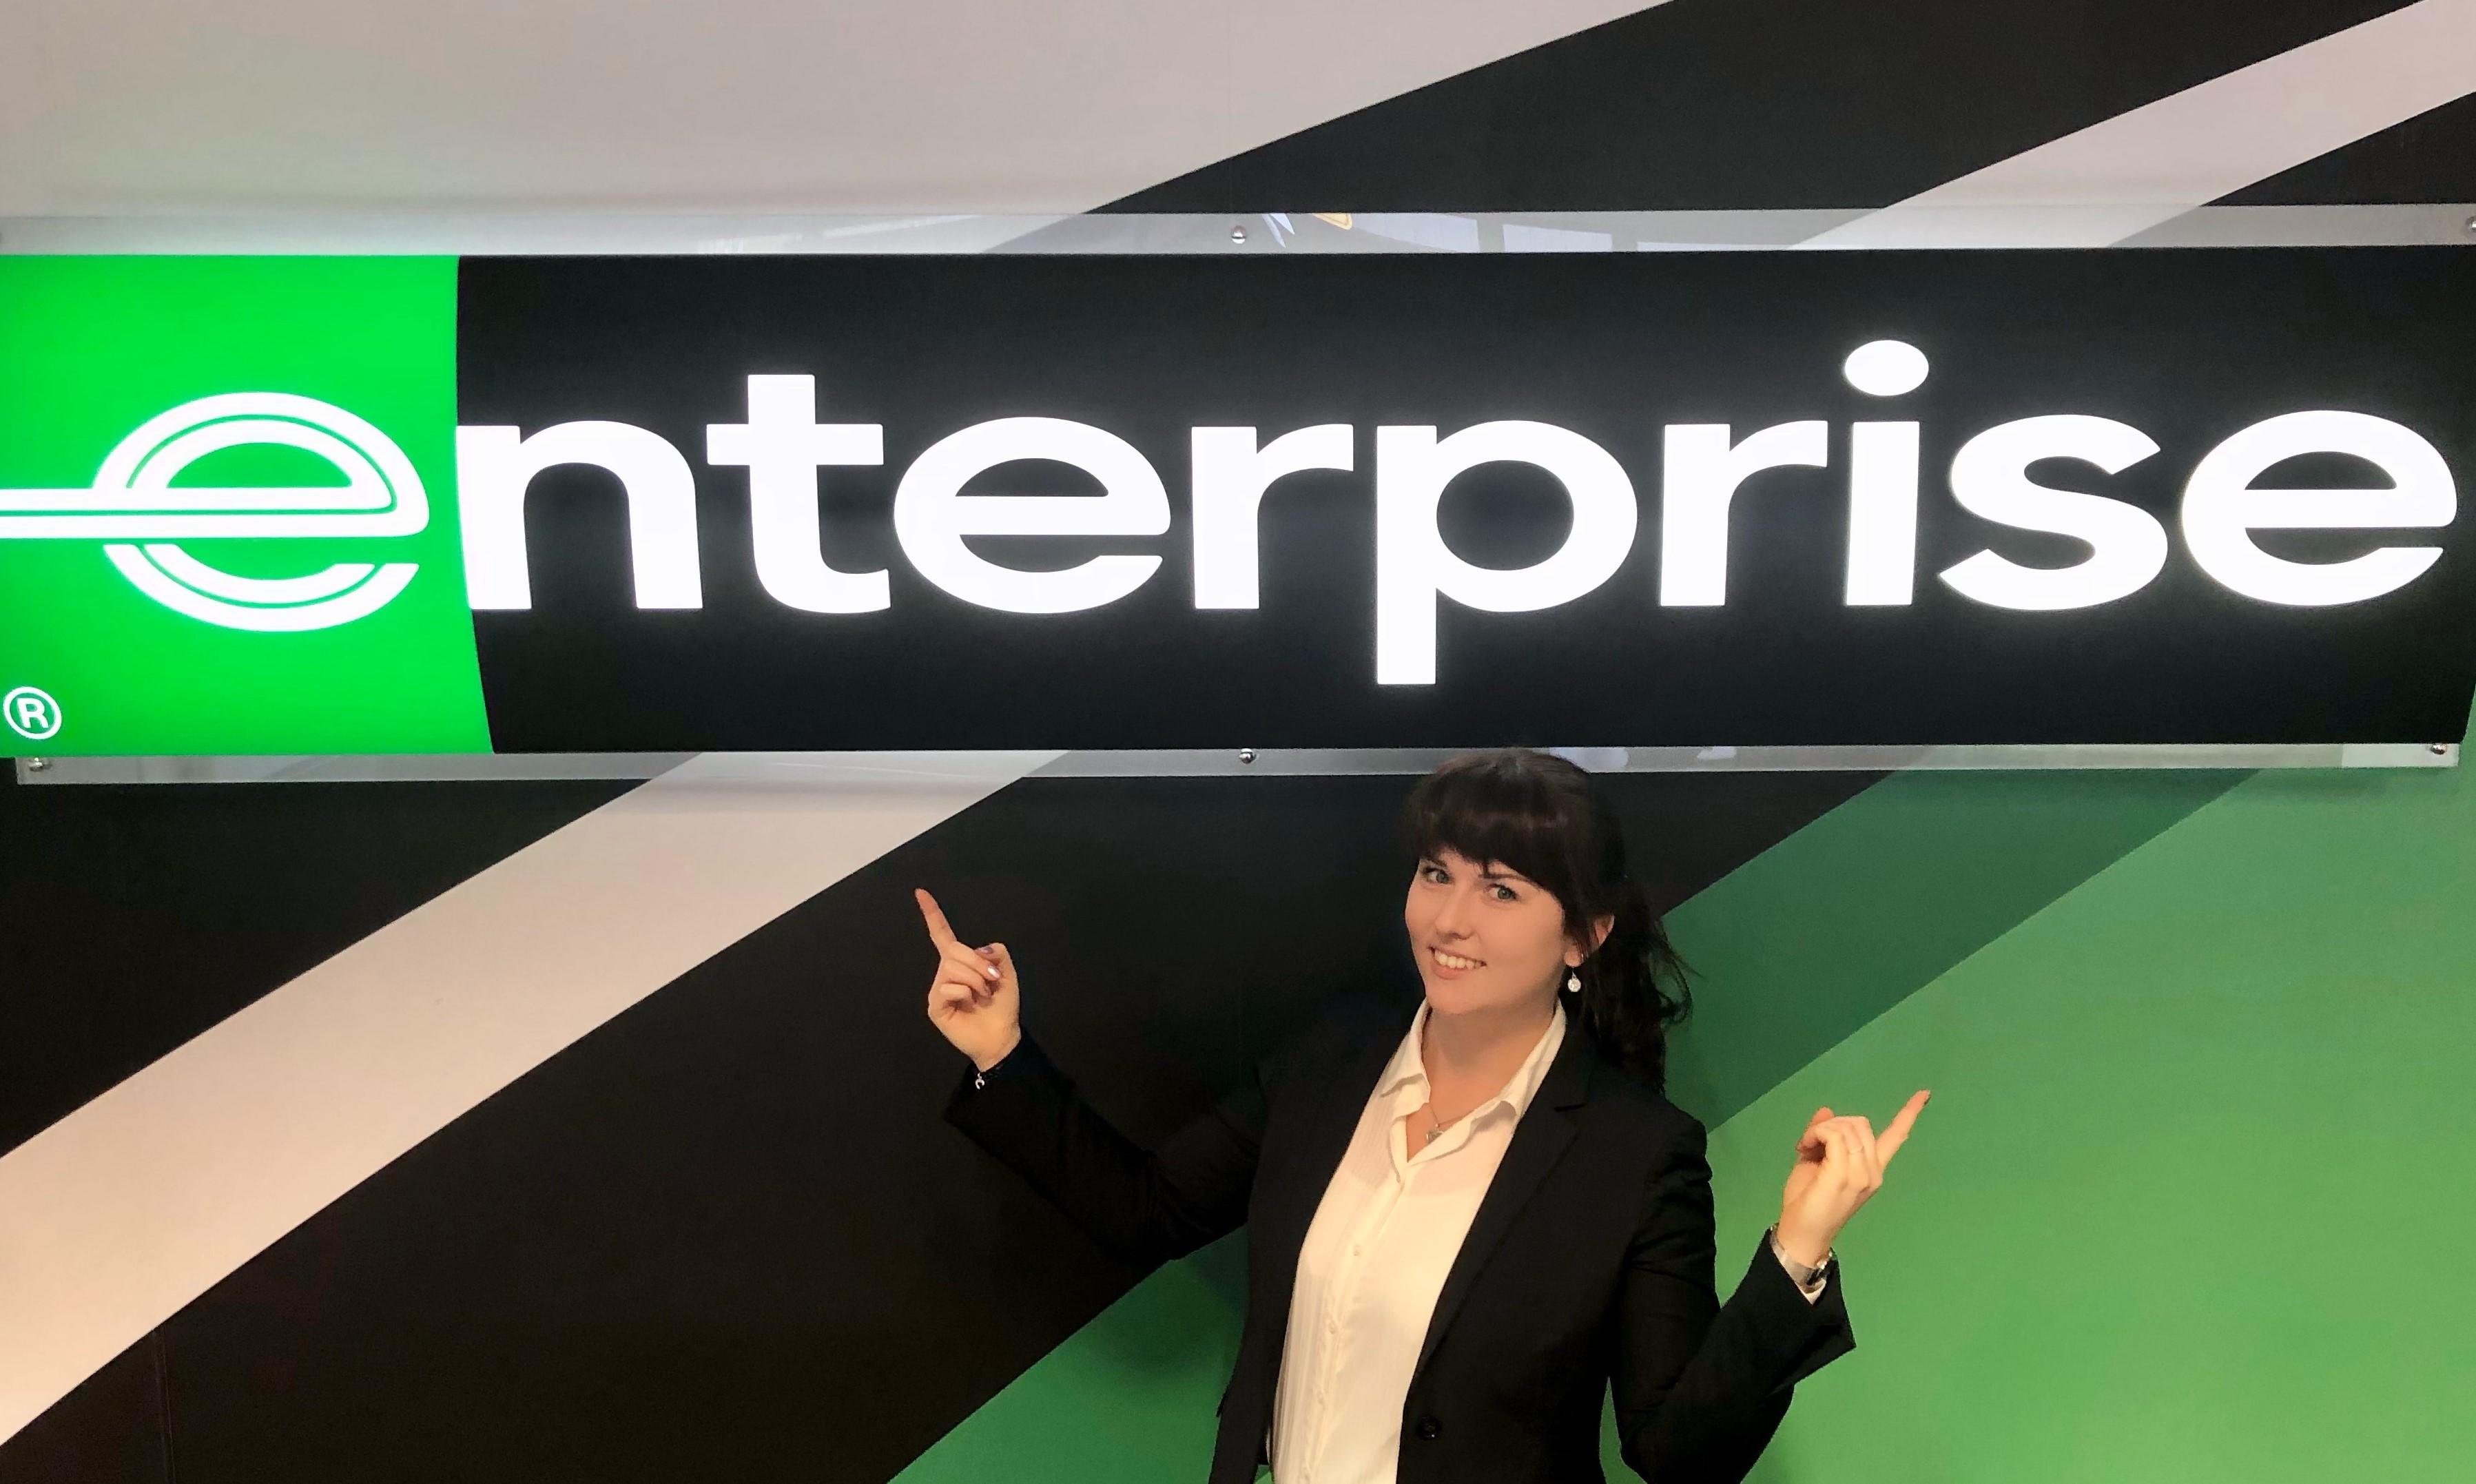 Karriere bei Enterprise: In Berlin sind wir ein großer Verbund von Freunden